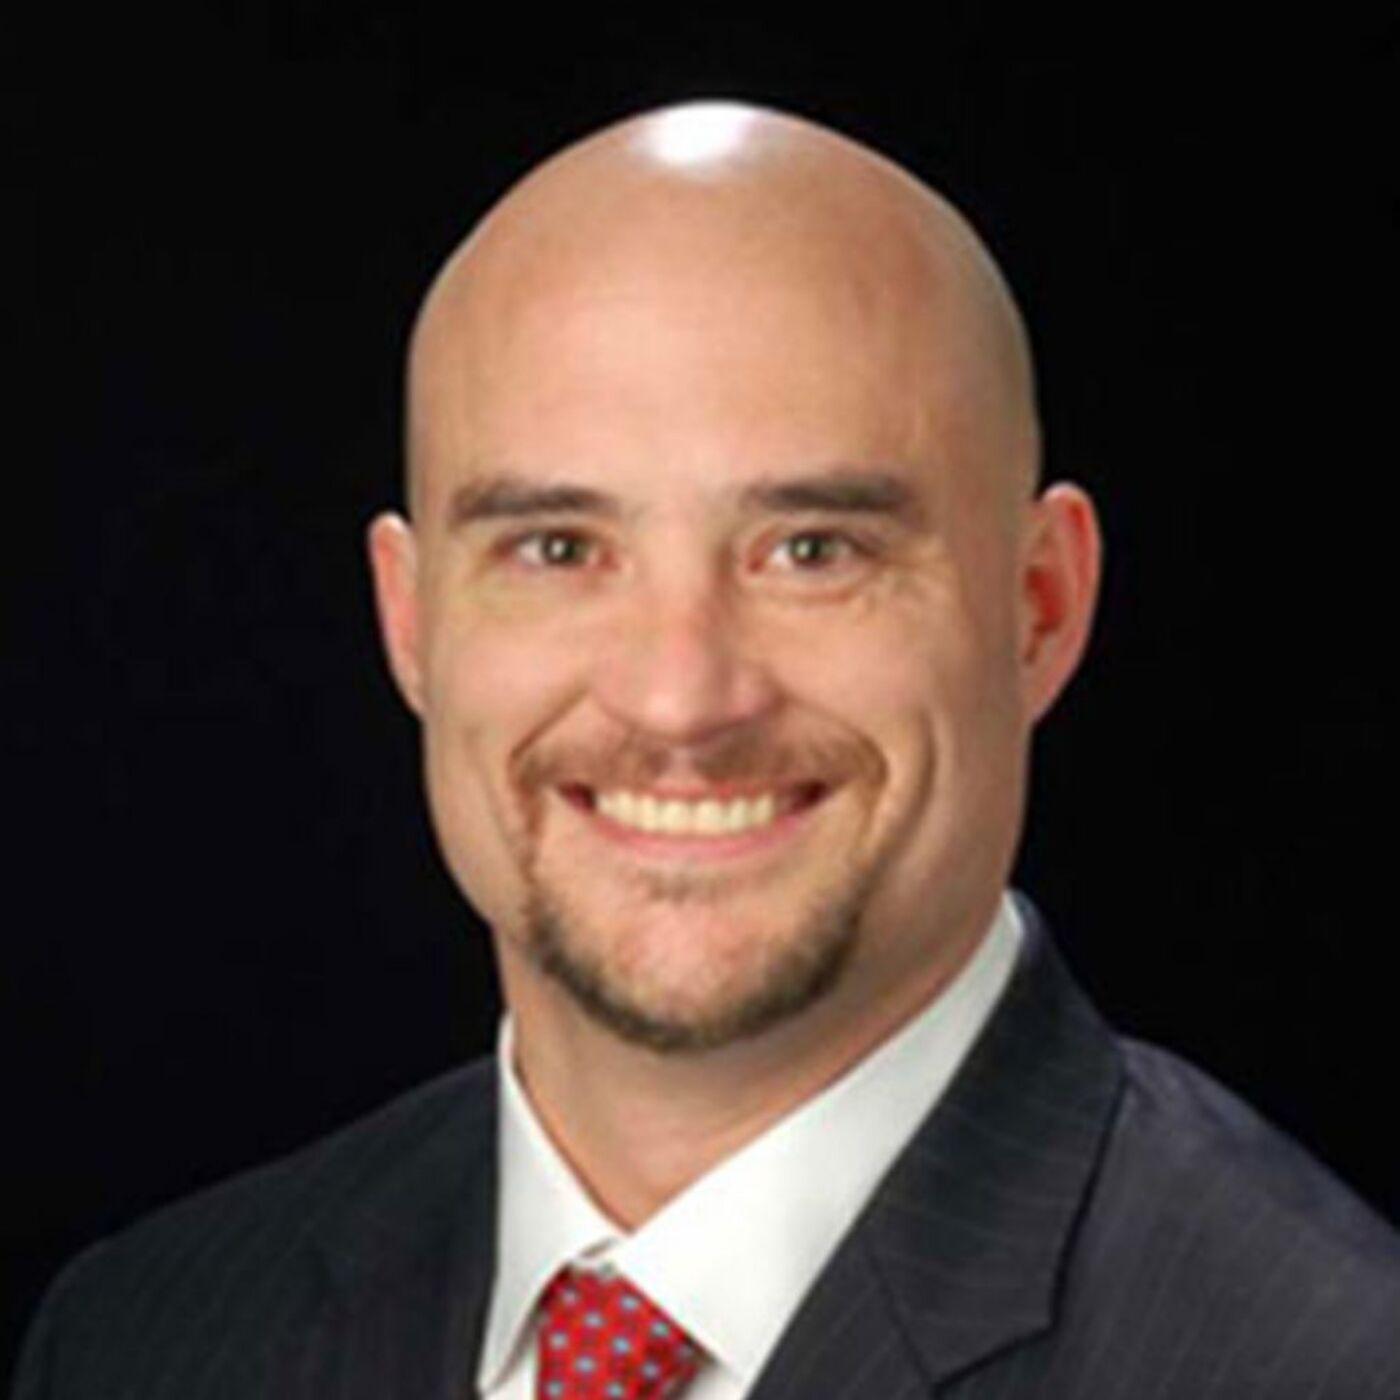 Medical Device Rep Podcast: Dr. Brett Sanders